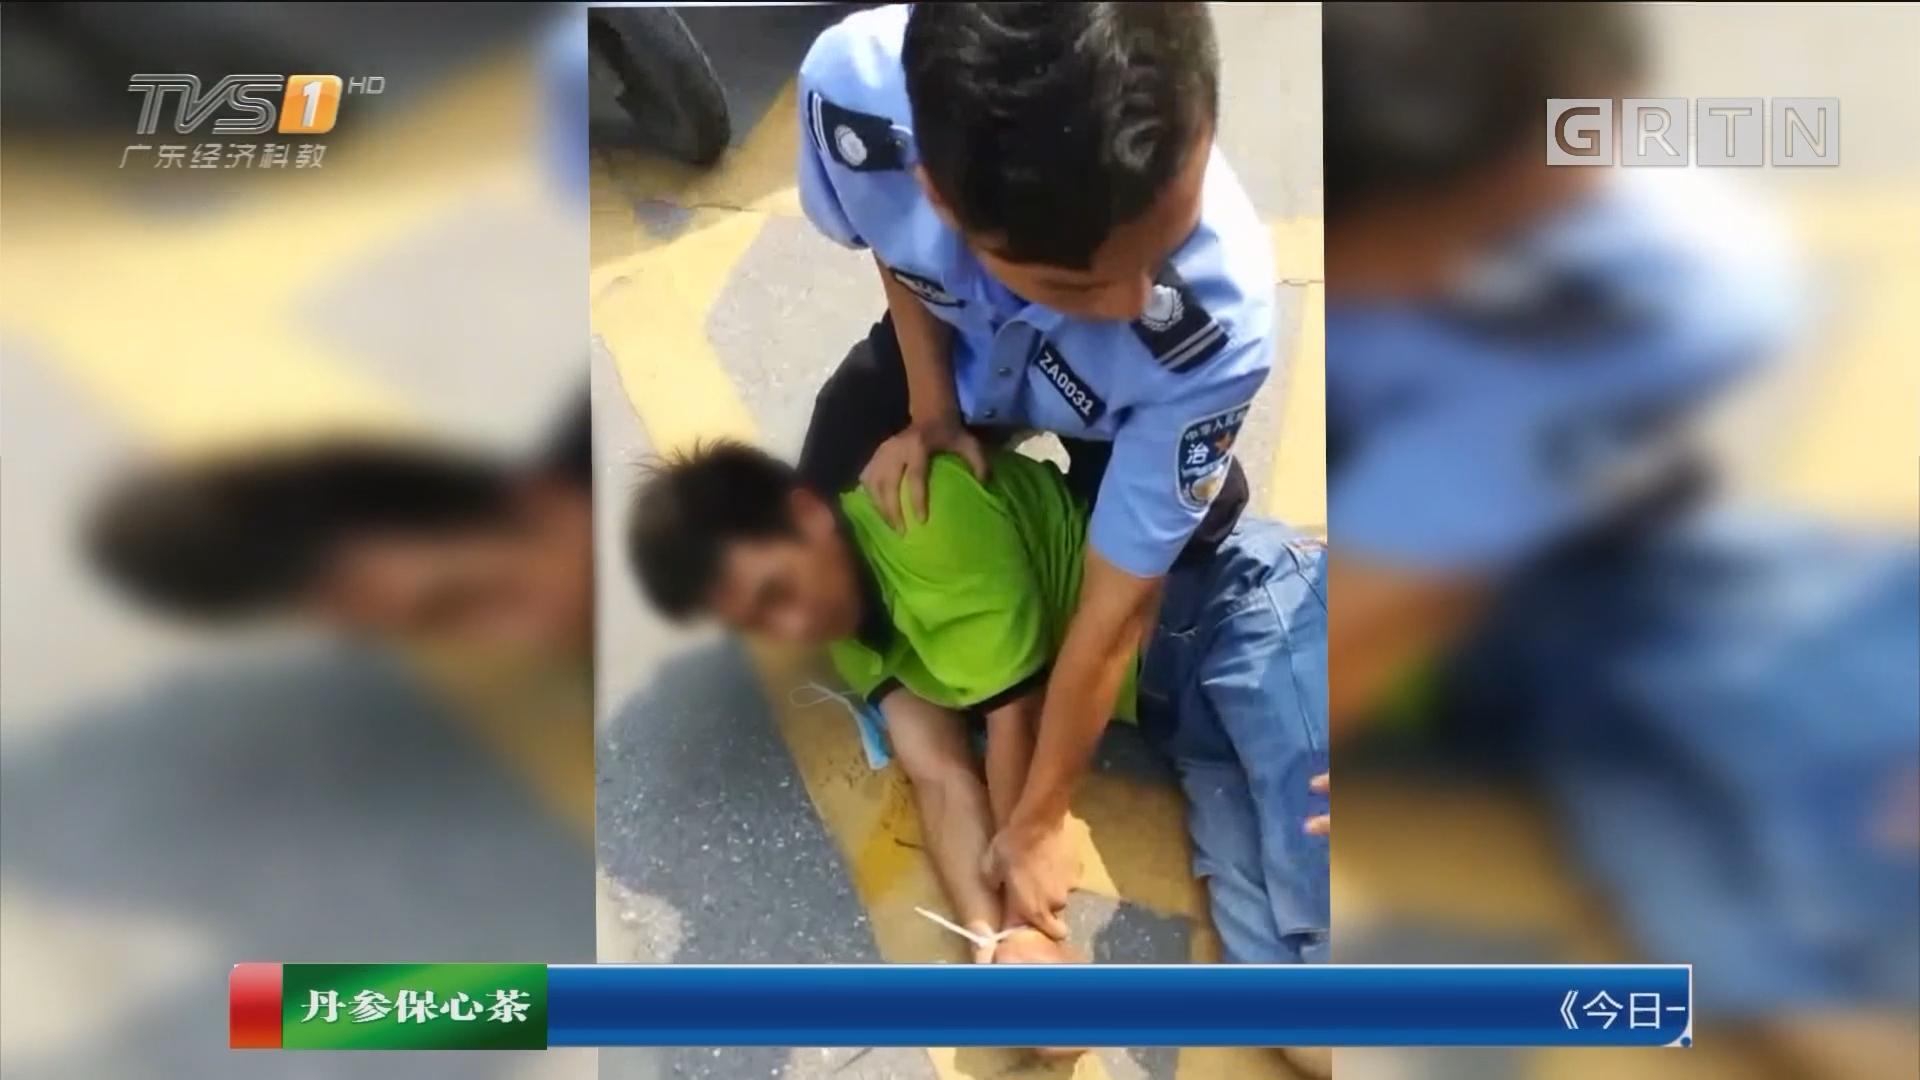 广东佛山:男子持刀伤人逃跑 热心街坊穷追不舍